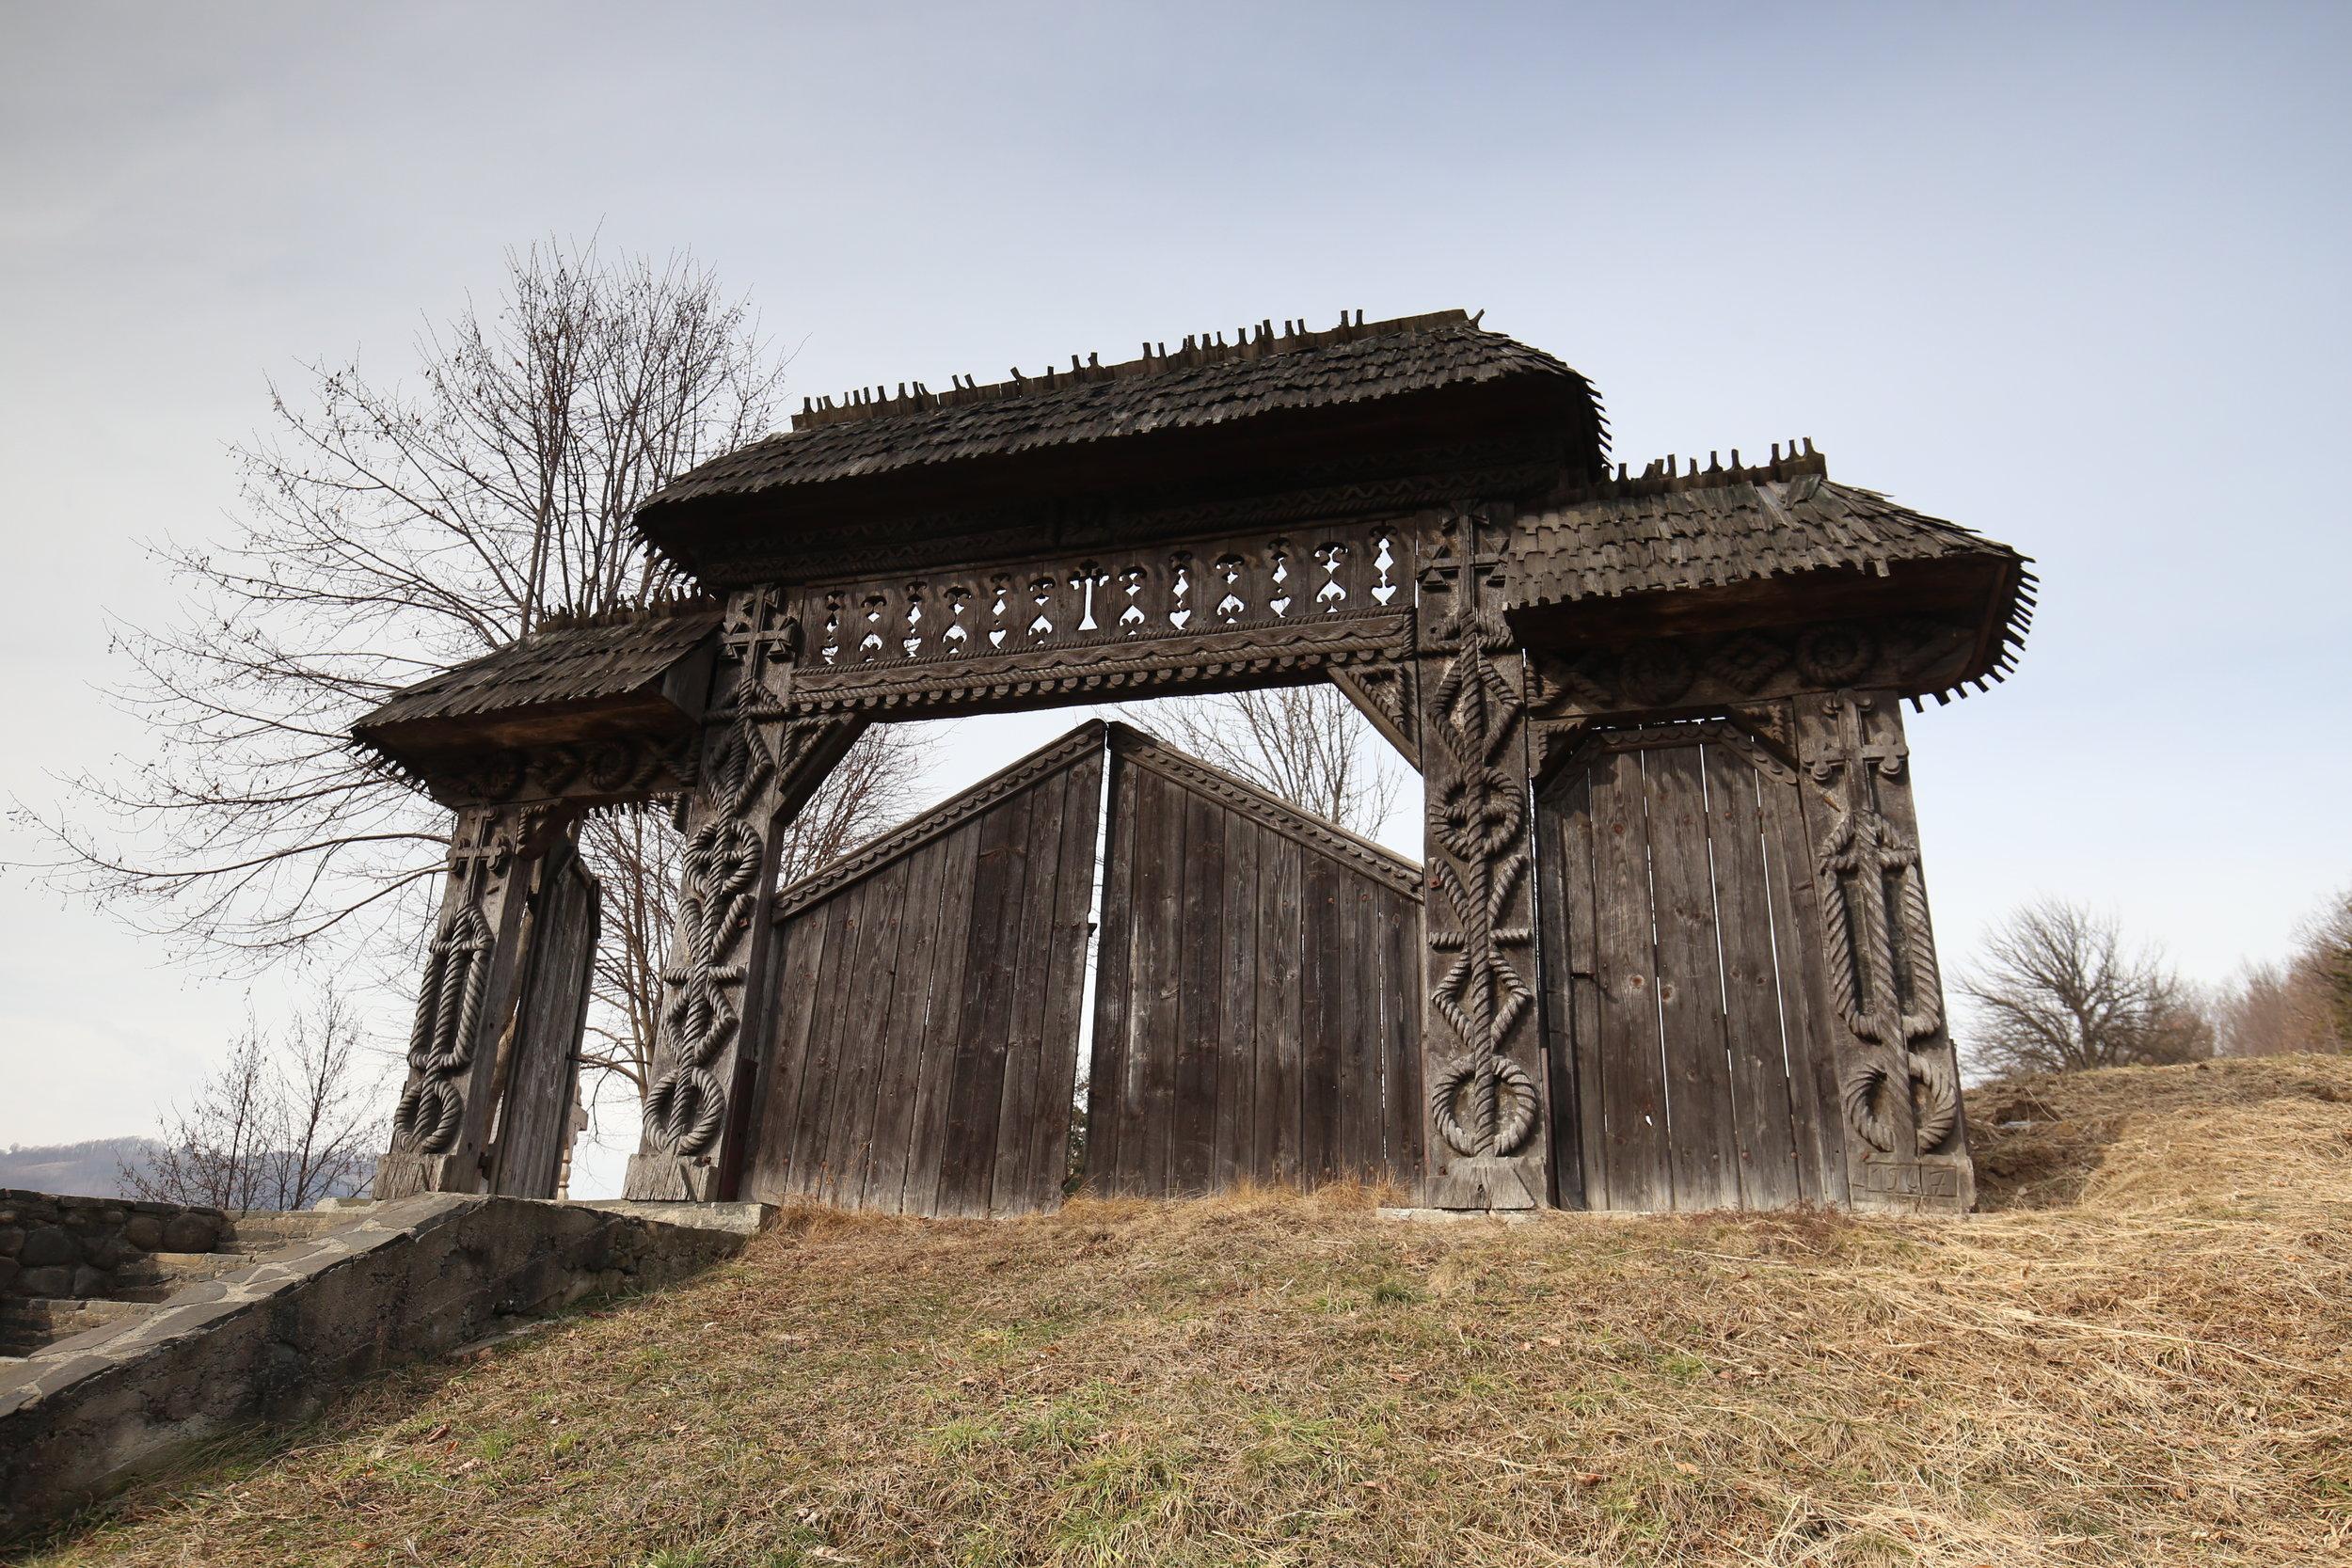 Wooden doors of Maramures, Romania.